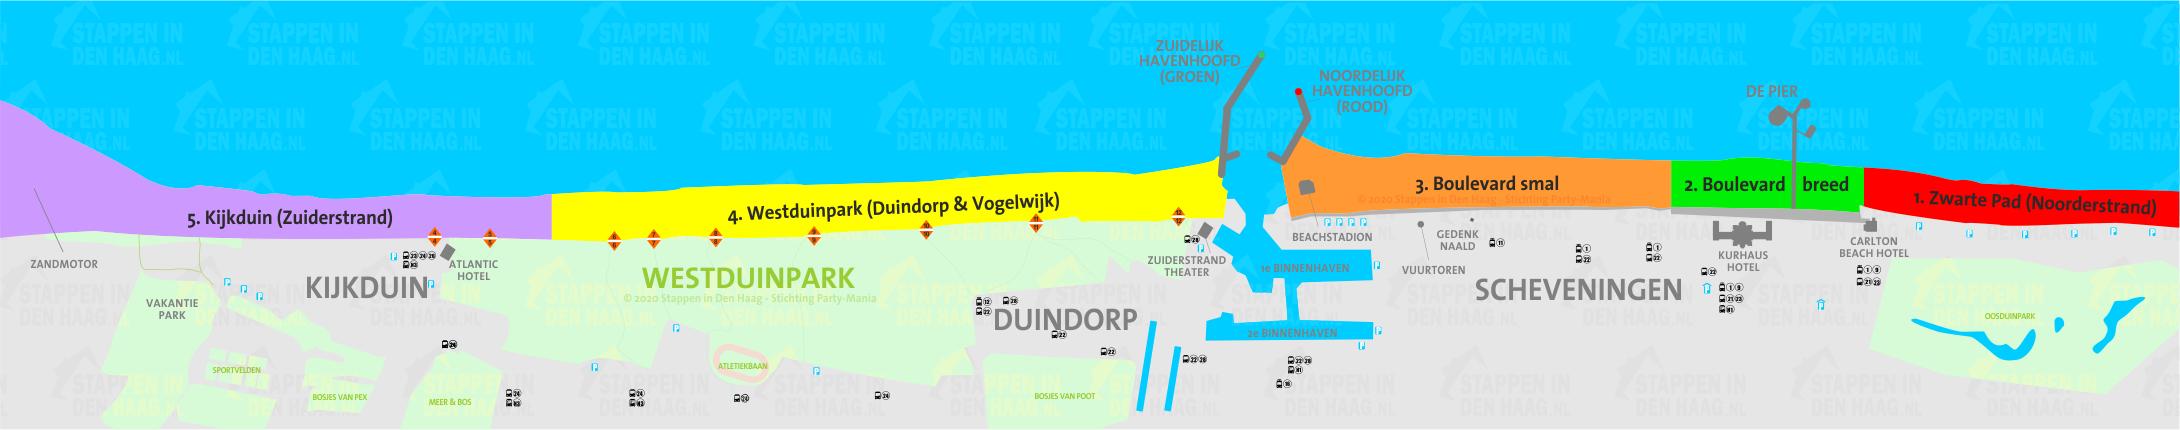 stranden-denhaag-scheveningen-kijkduin-zwartepad-beachclubs-stappen-070-groot